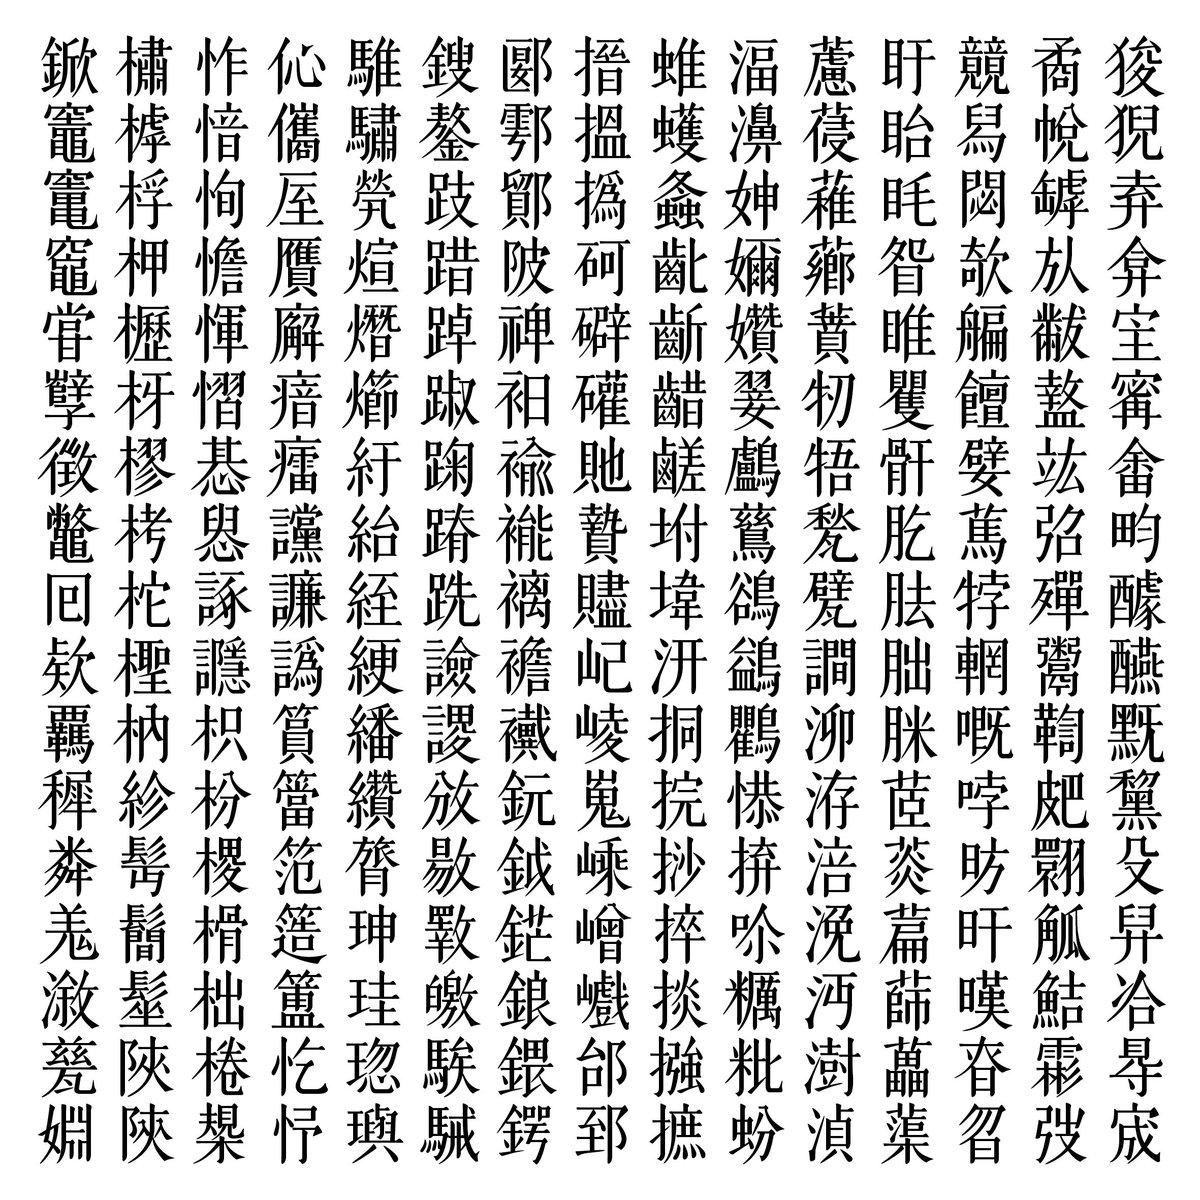 RT @Eonway_Ying: #汲古書體 近來幾天從早上八點到凌晨十二點,做字做死了… https://t.co/bETtwrwr9G 1